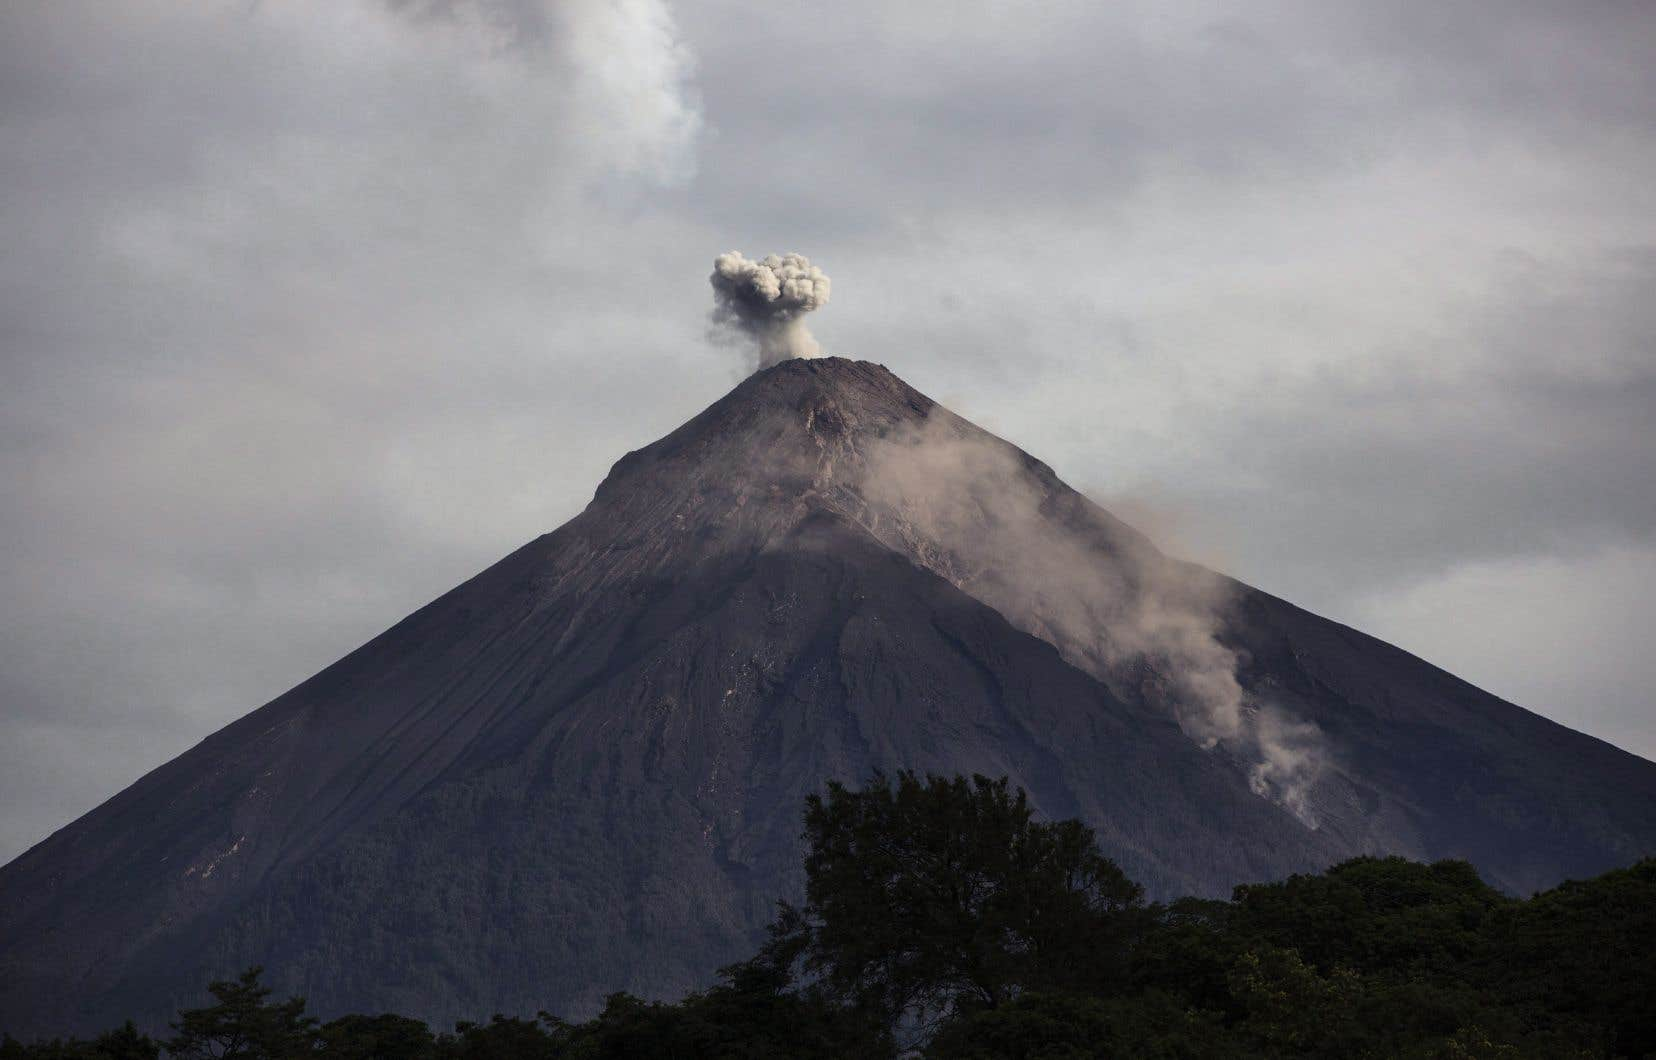 En juin dernier une nuée ardente dévalant du cratère du Fuego a détruit totalement le village de San Miguel Los Lotes, faisant 190 morts et 238 disparus.